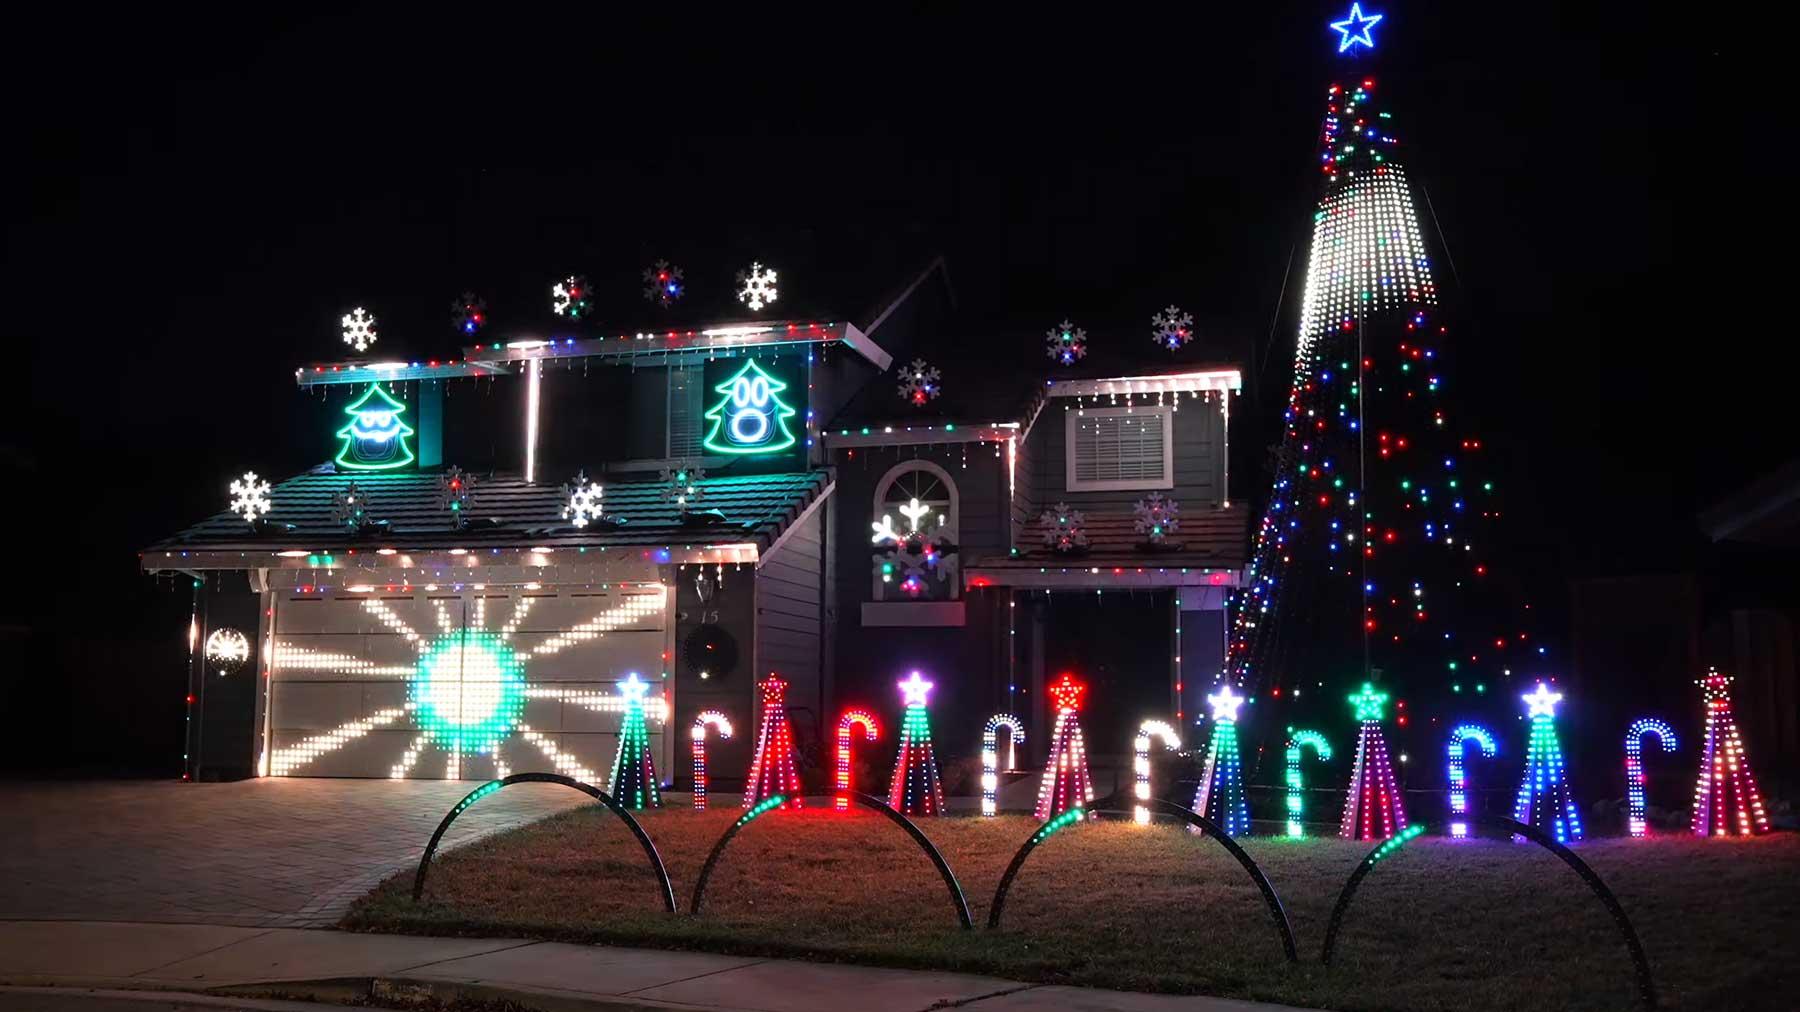 34-minütige Weihnachts-Lichter-Show